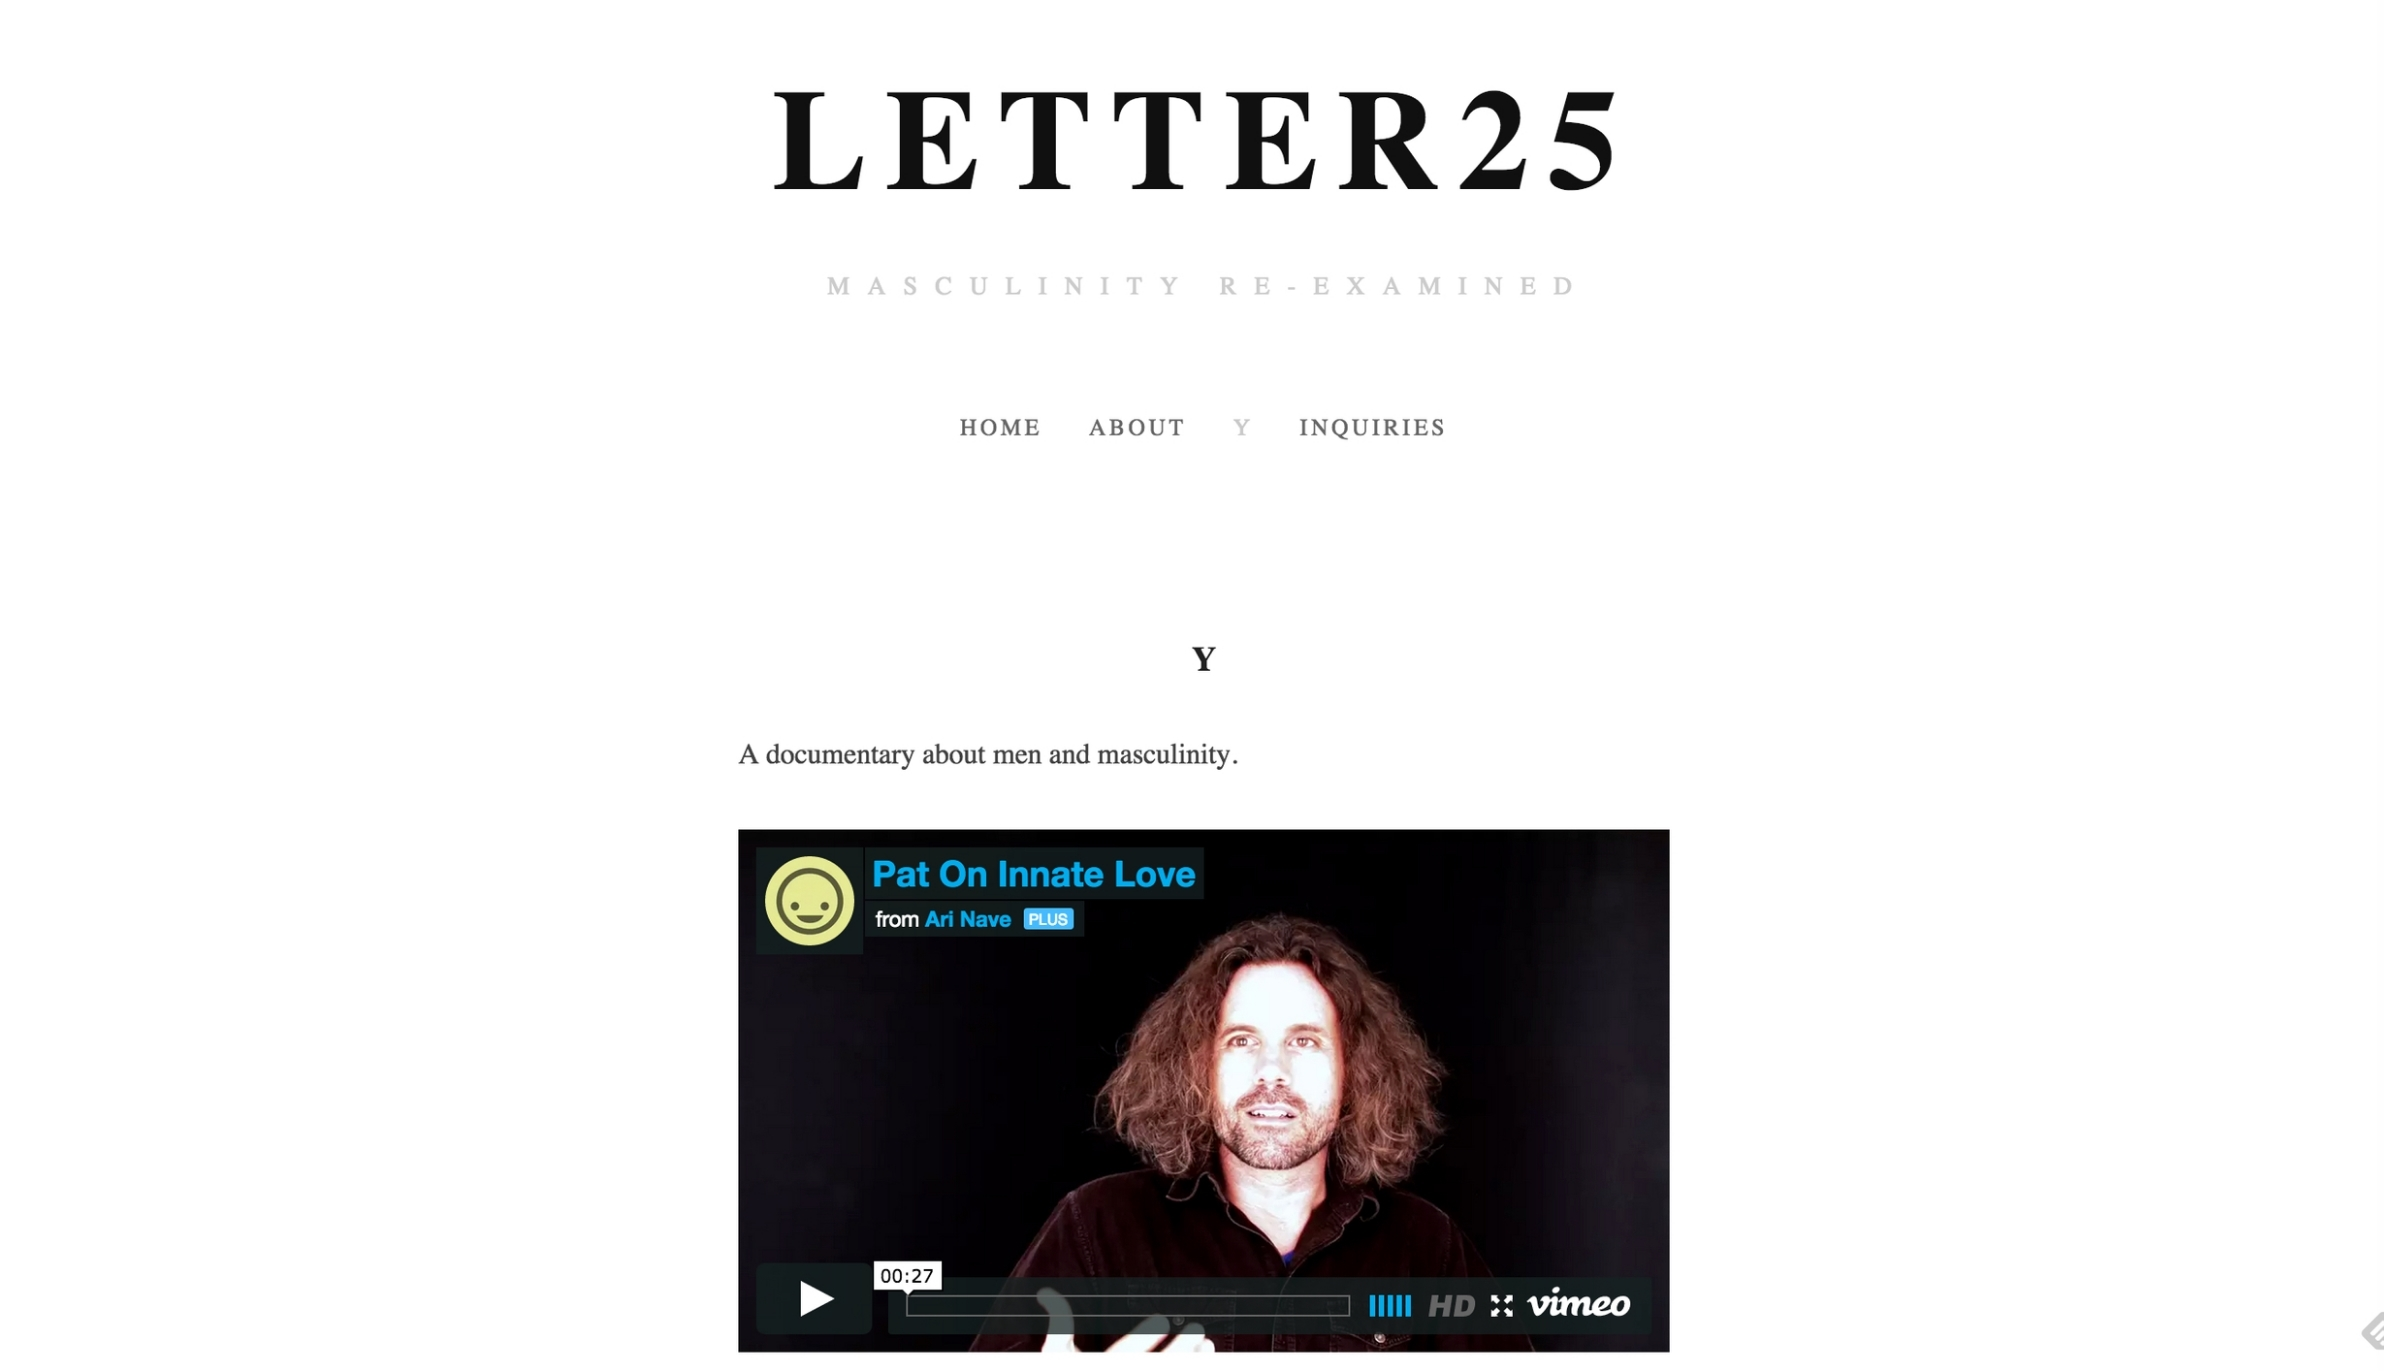 Letter25.jpg